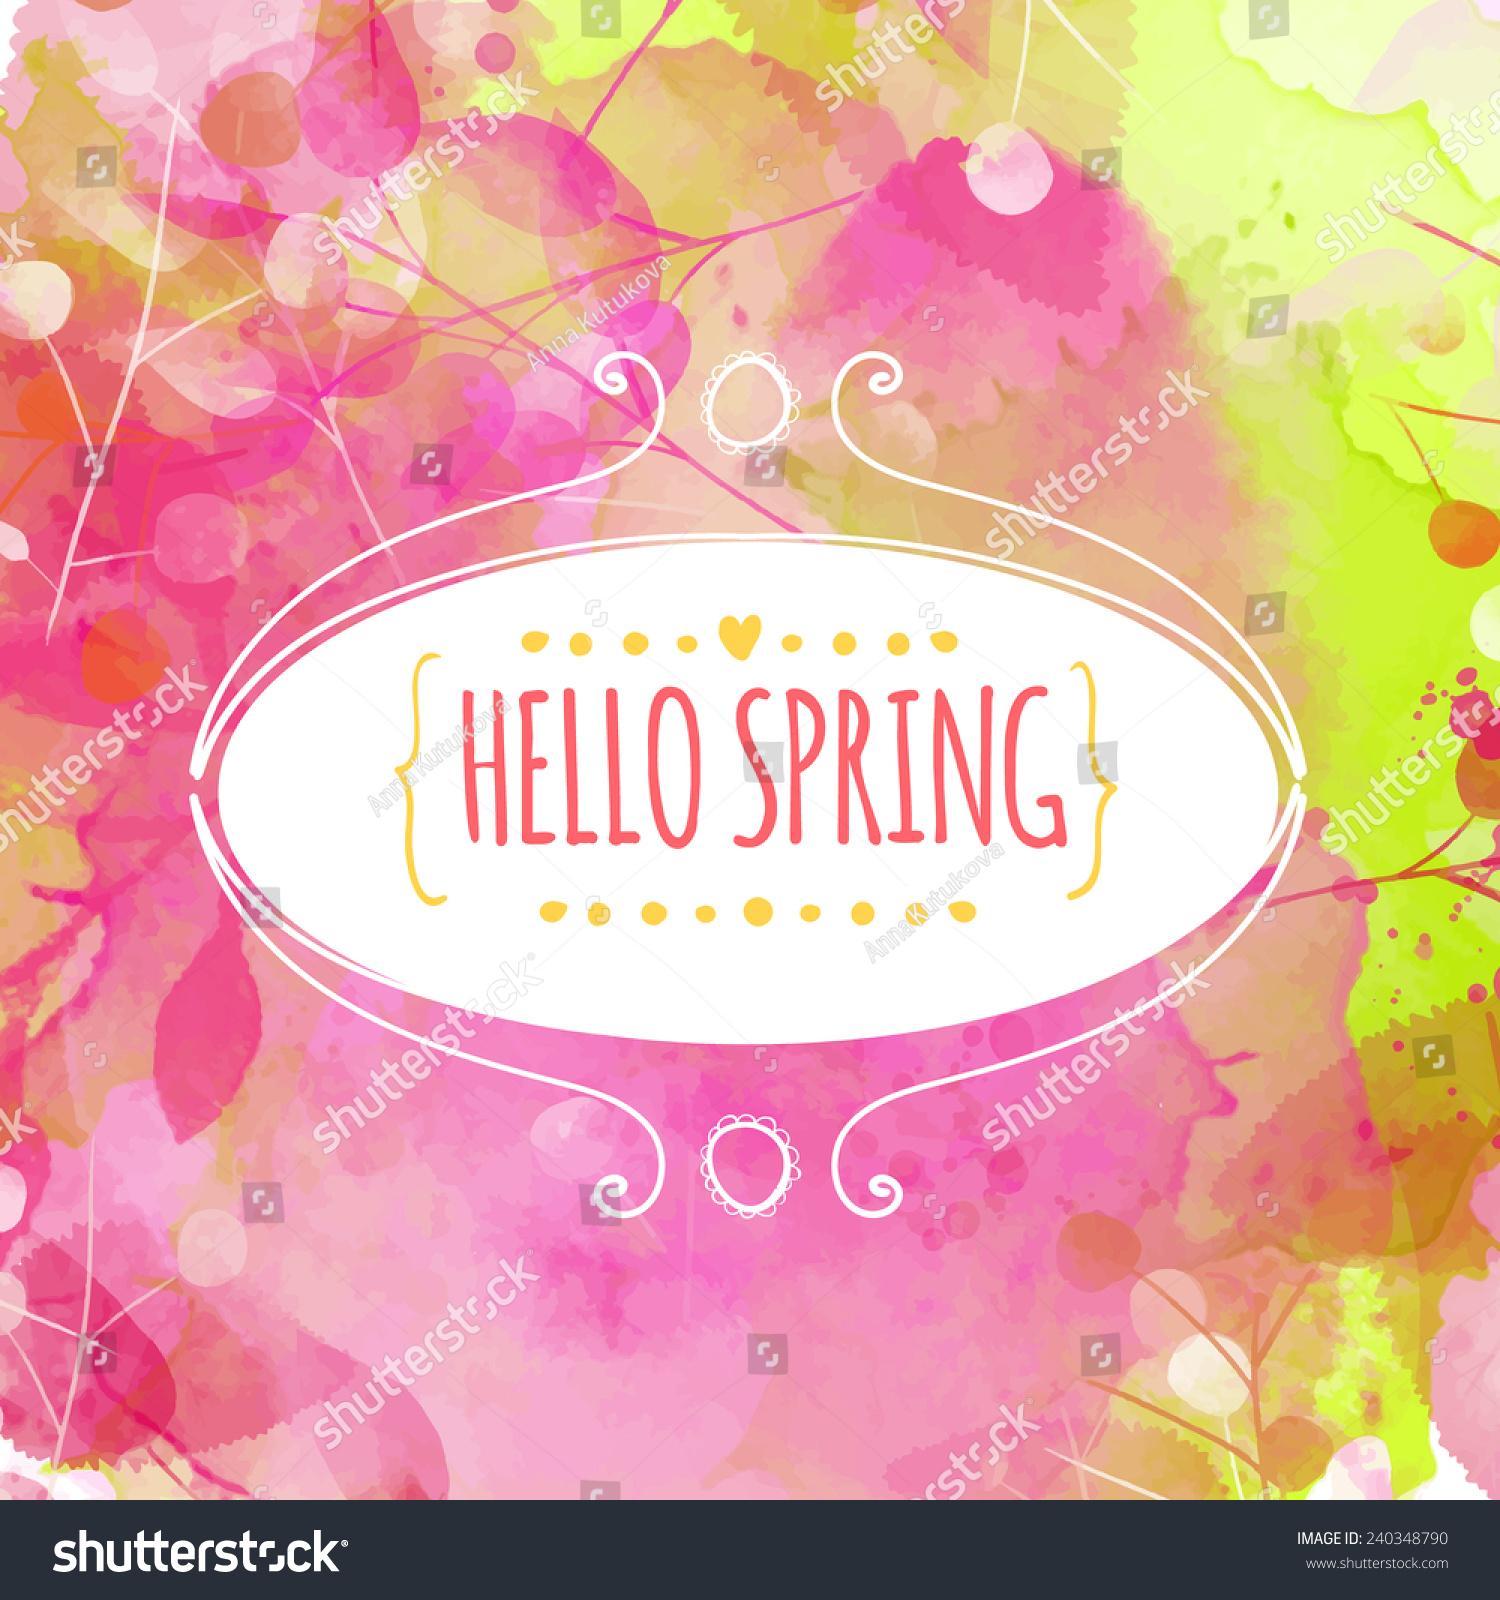 手绘装饰椭圆框与文本你好春天.新鲜的粉红色和绿色和